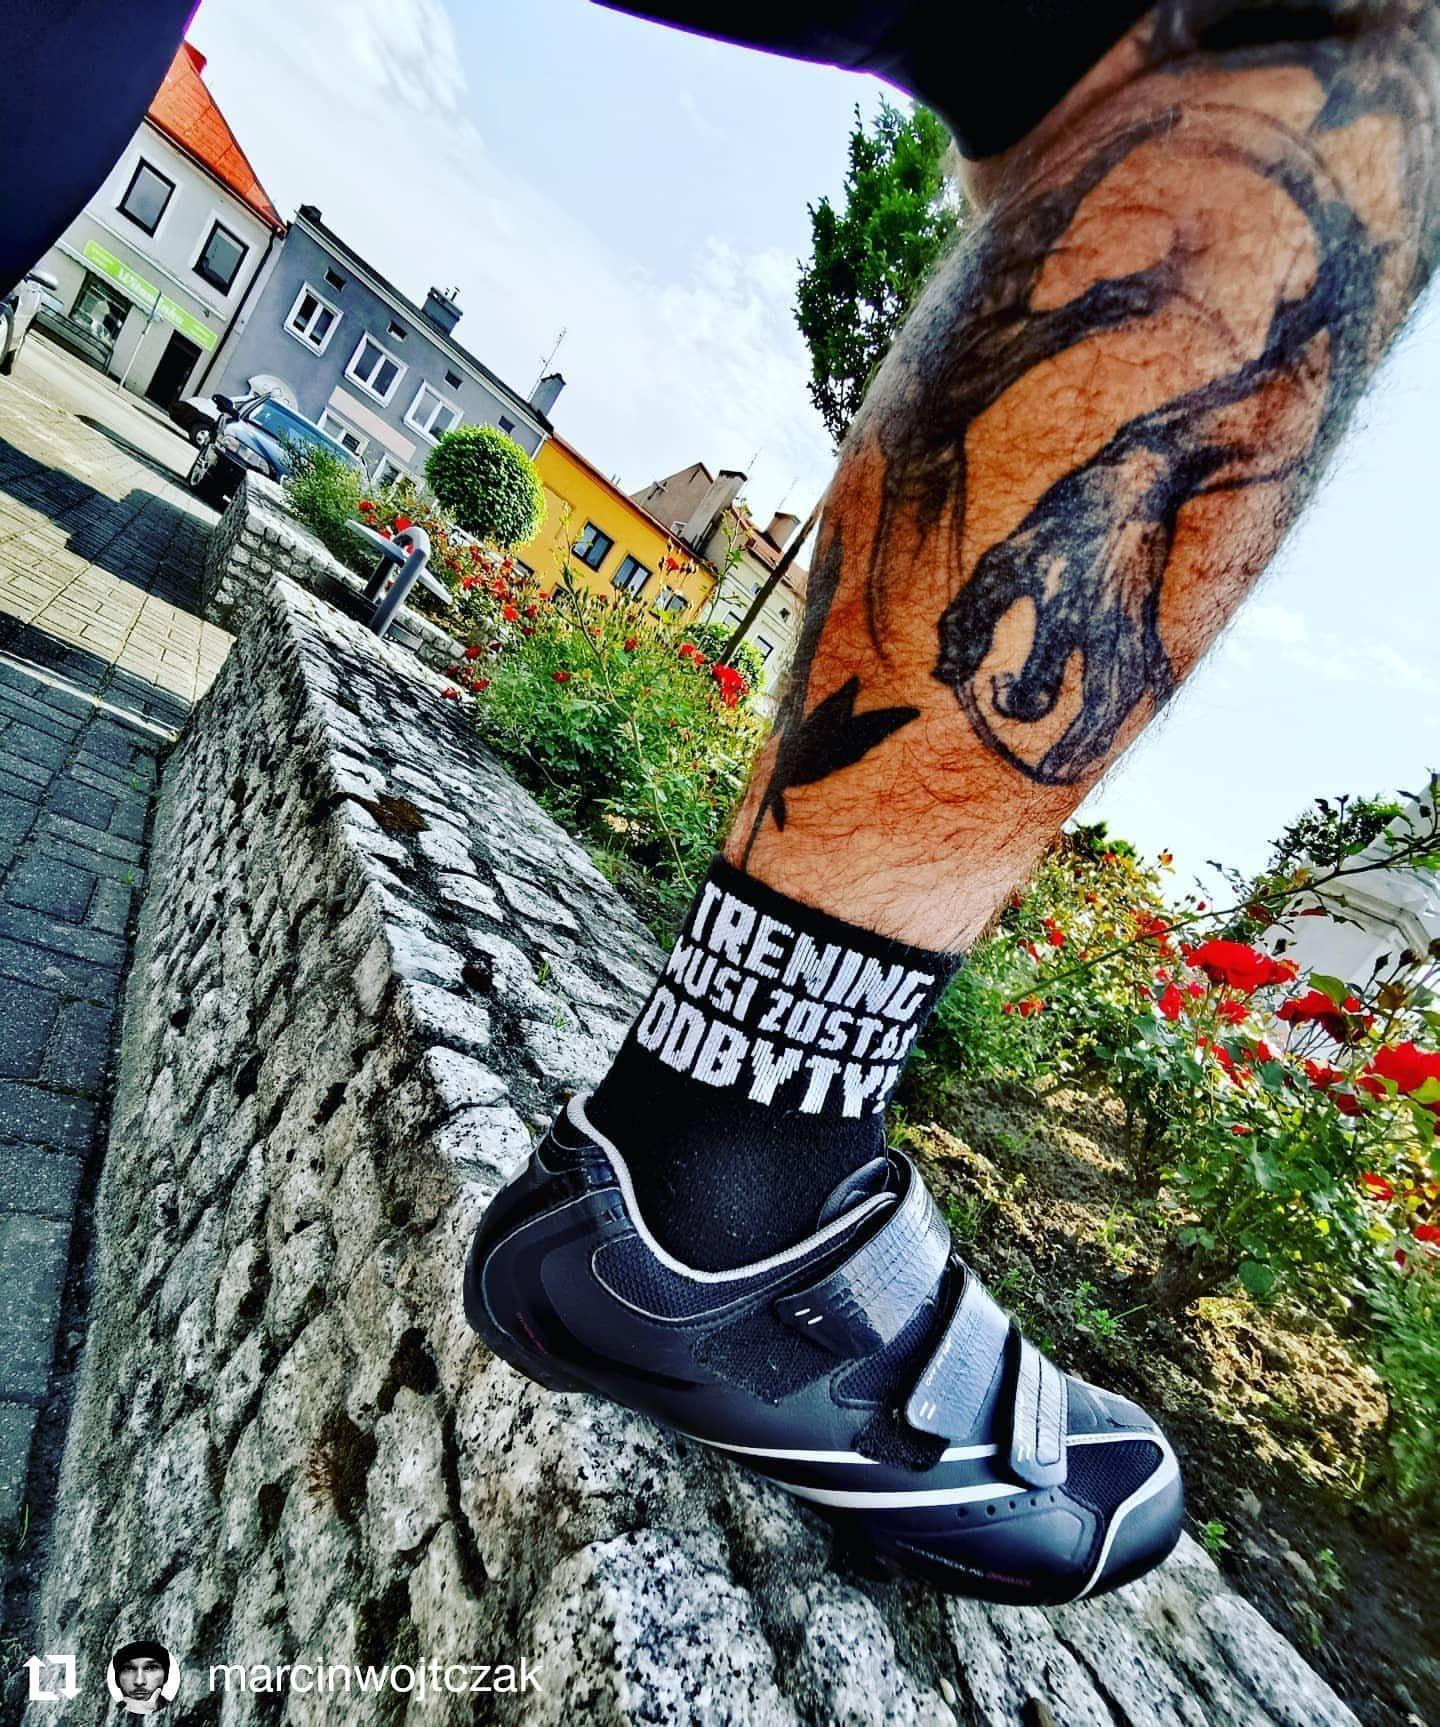 Taka Sytyacja W Piatek Wieczorem Www Tmzo Pl Treningmusizostacodbyty Trening Tmzo Nowosc Wiosna Skarpetkisportowe Sneakers Vibram Sneaker Vibram